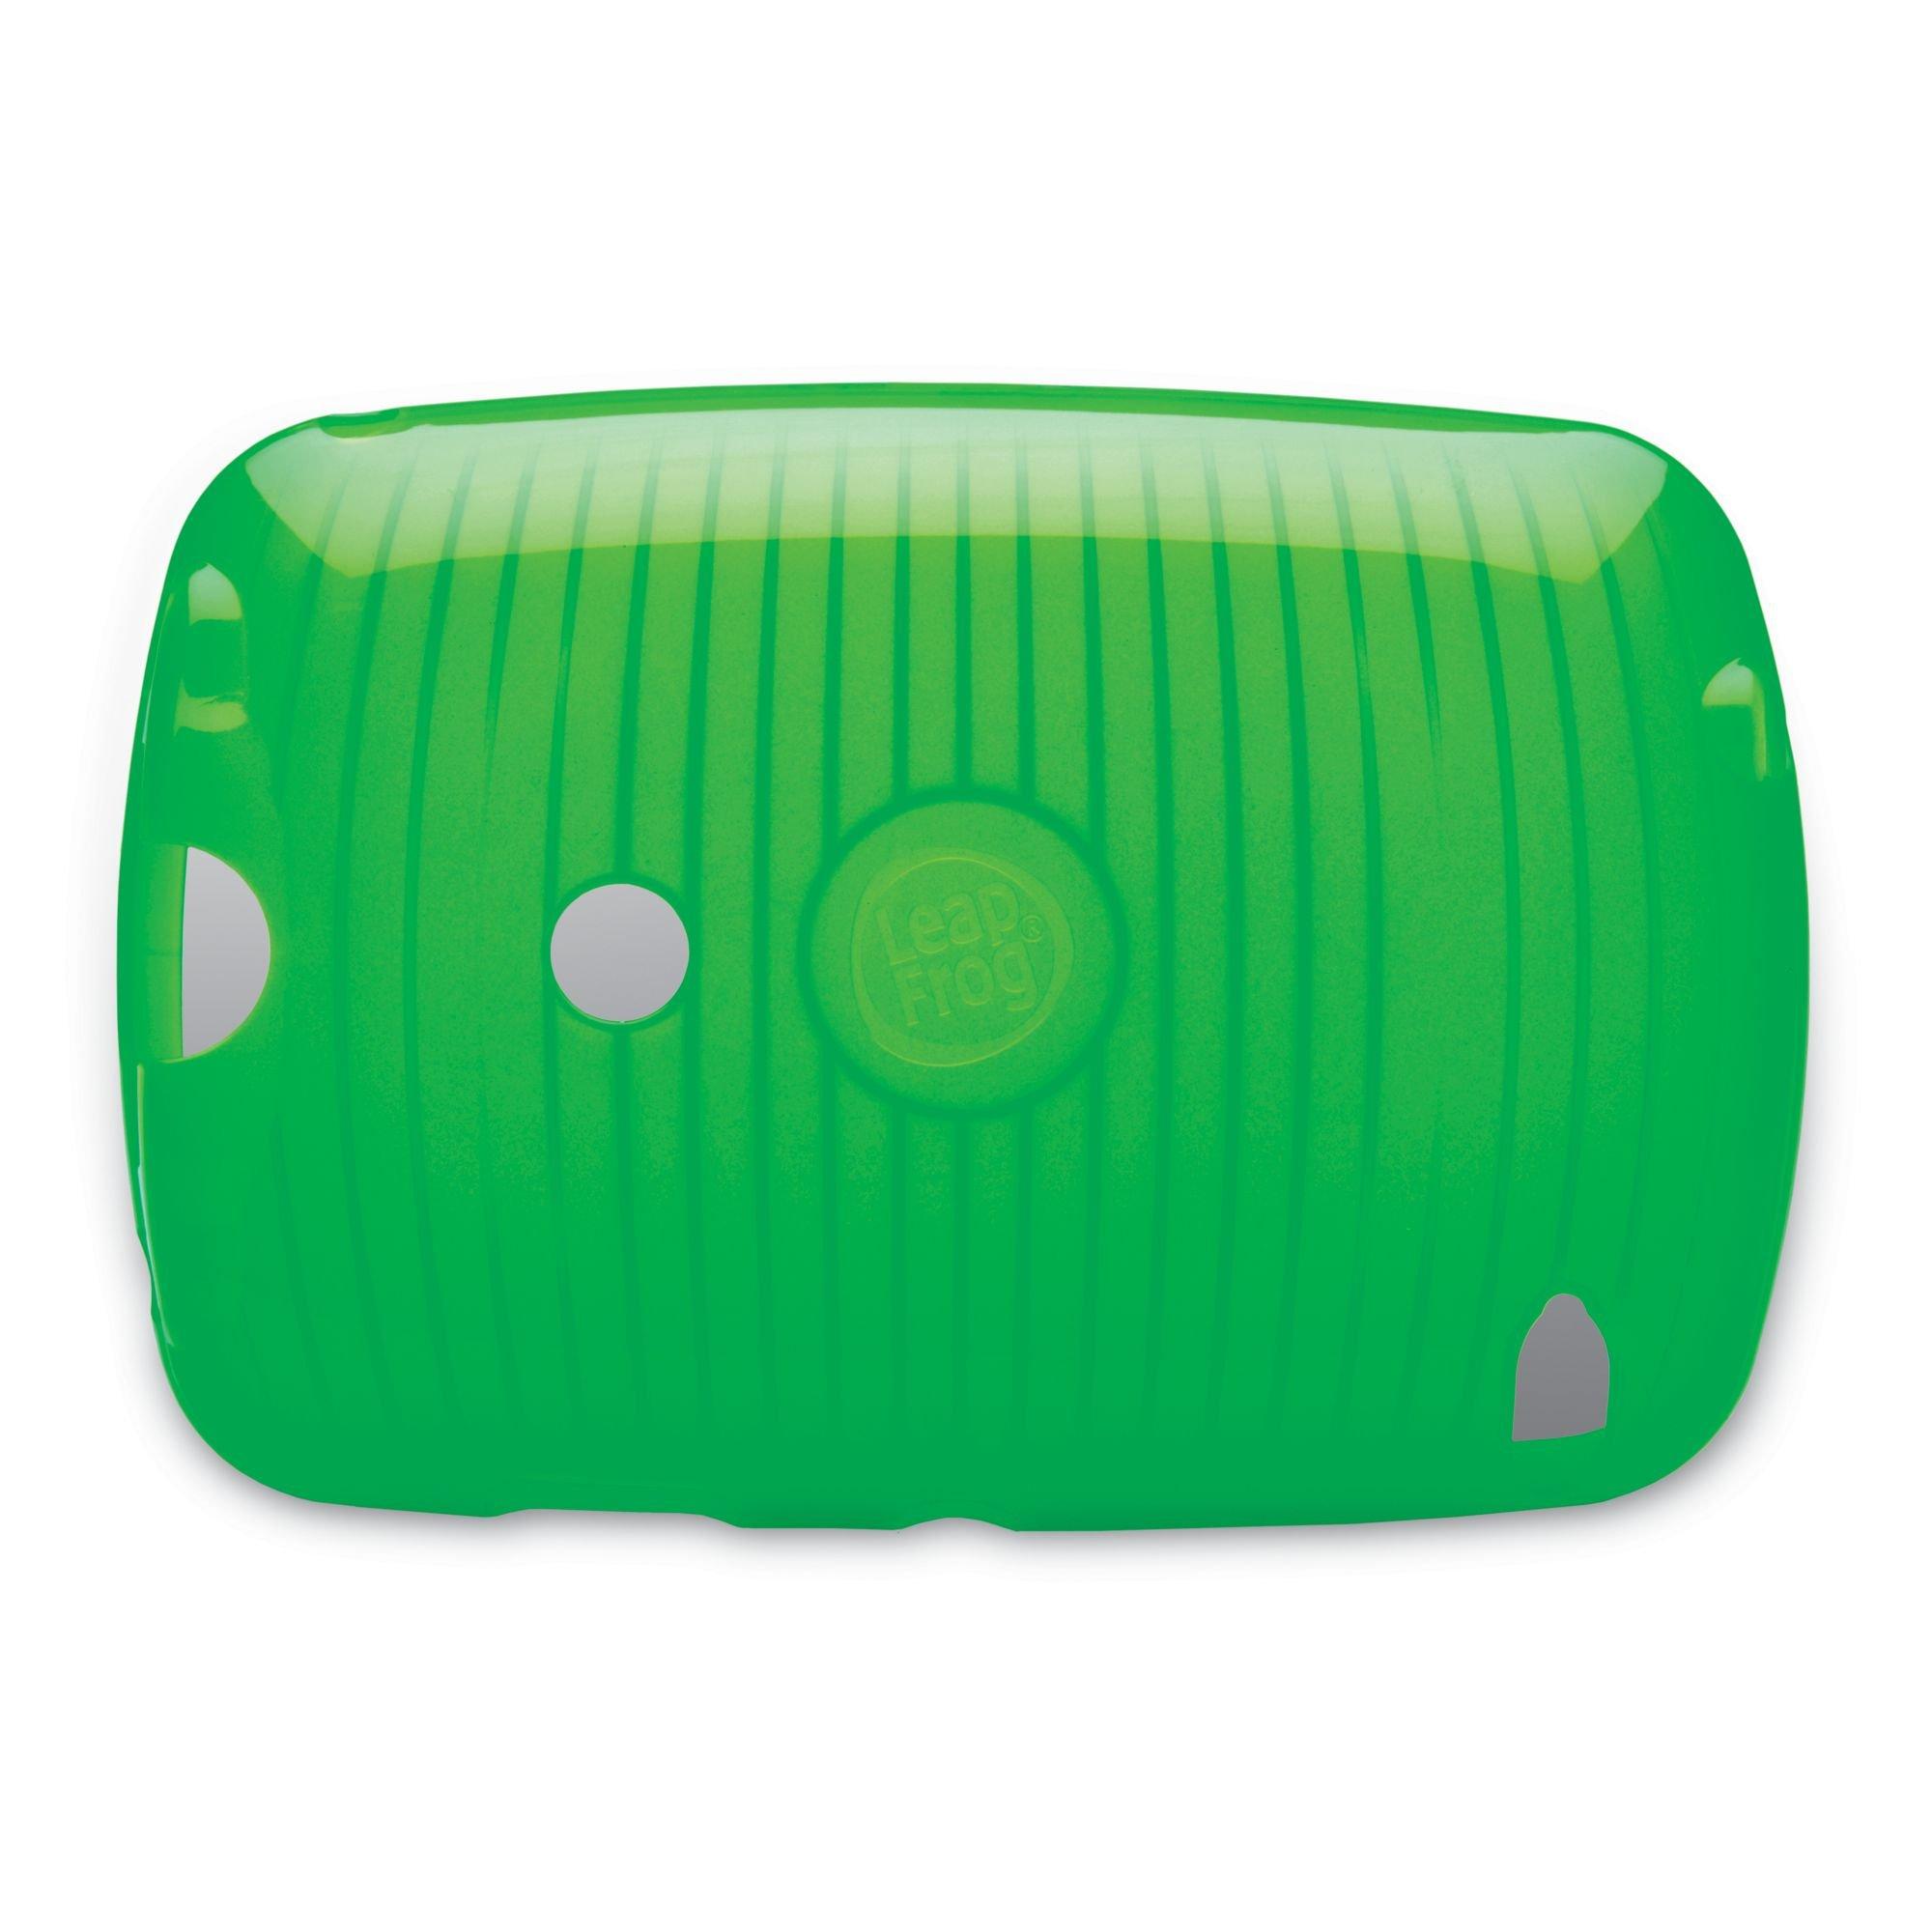 LeapFrog 31514 - Jeu Electronique - Leappad 3 - Coque De Protection - Vert product image